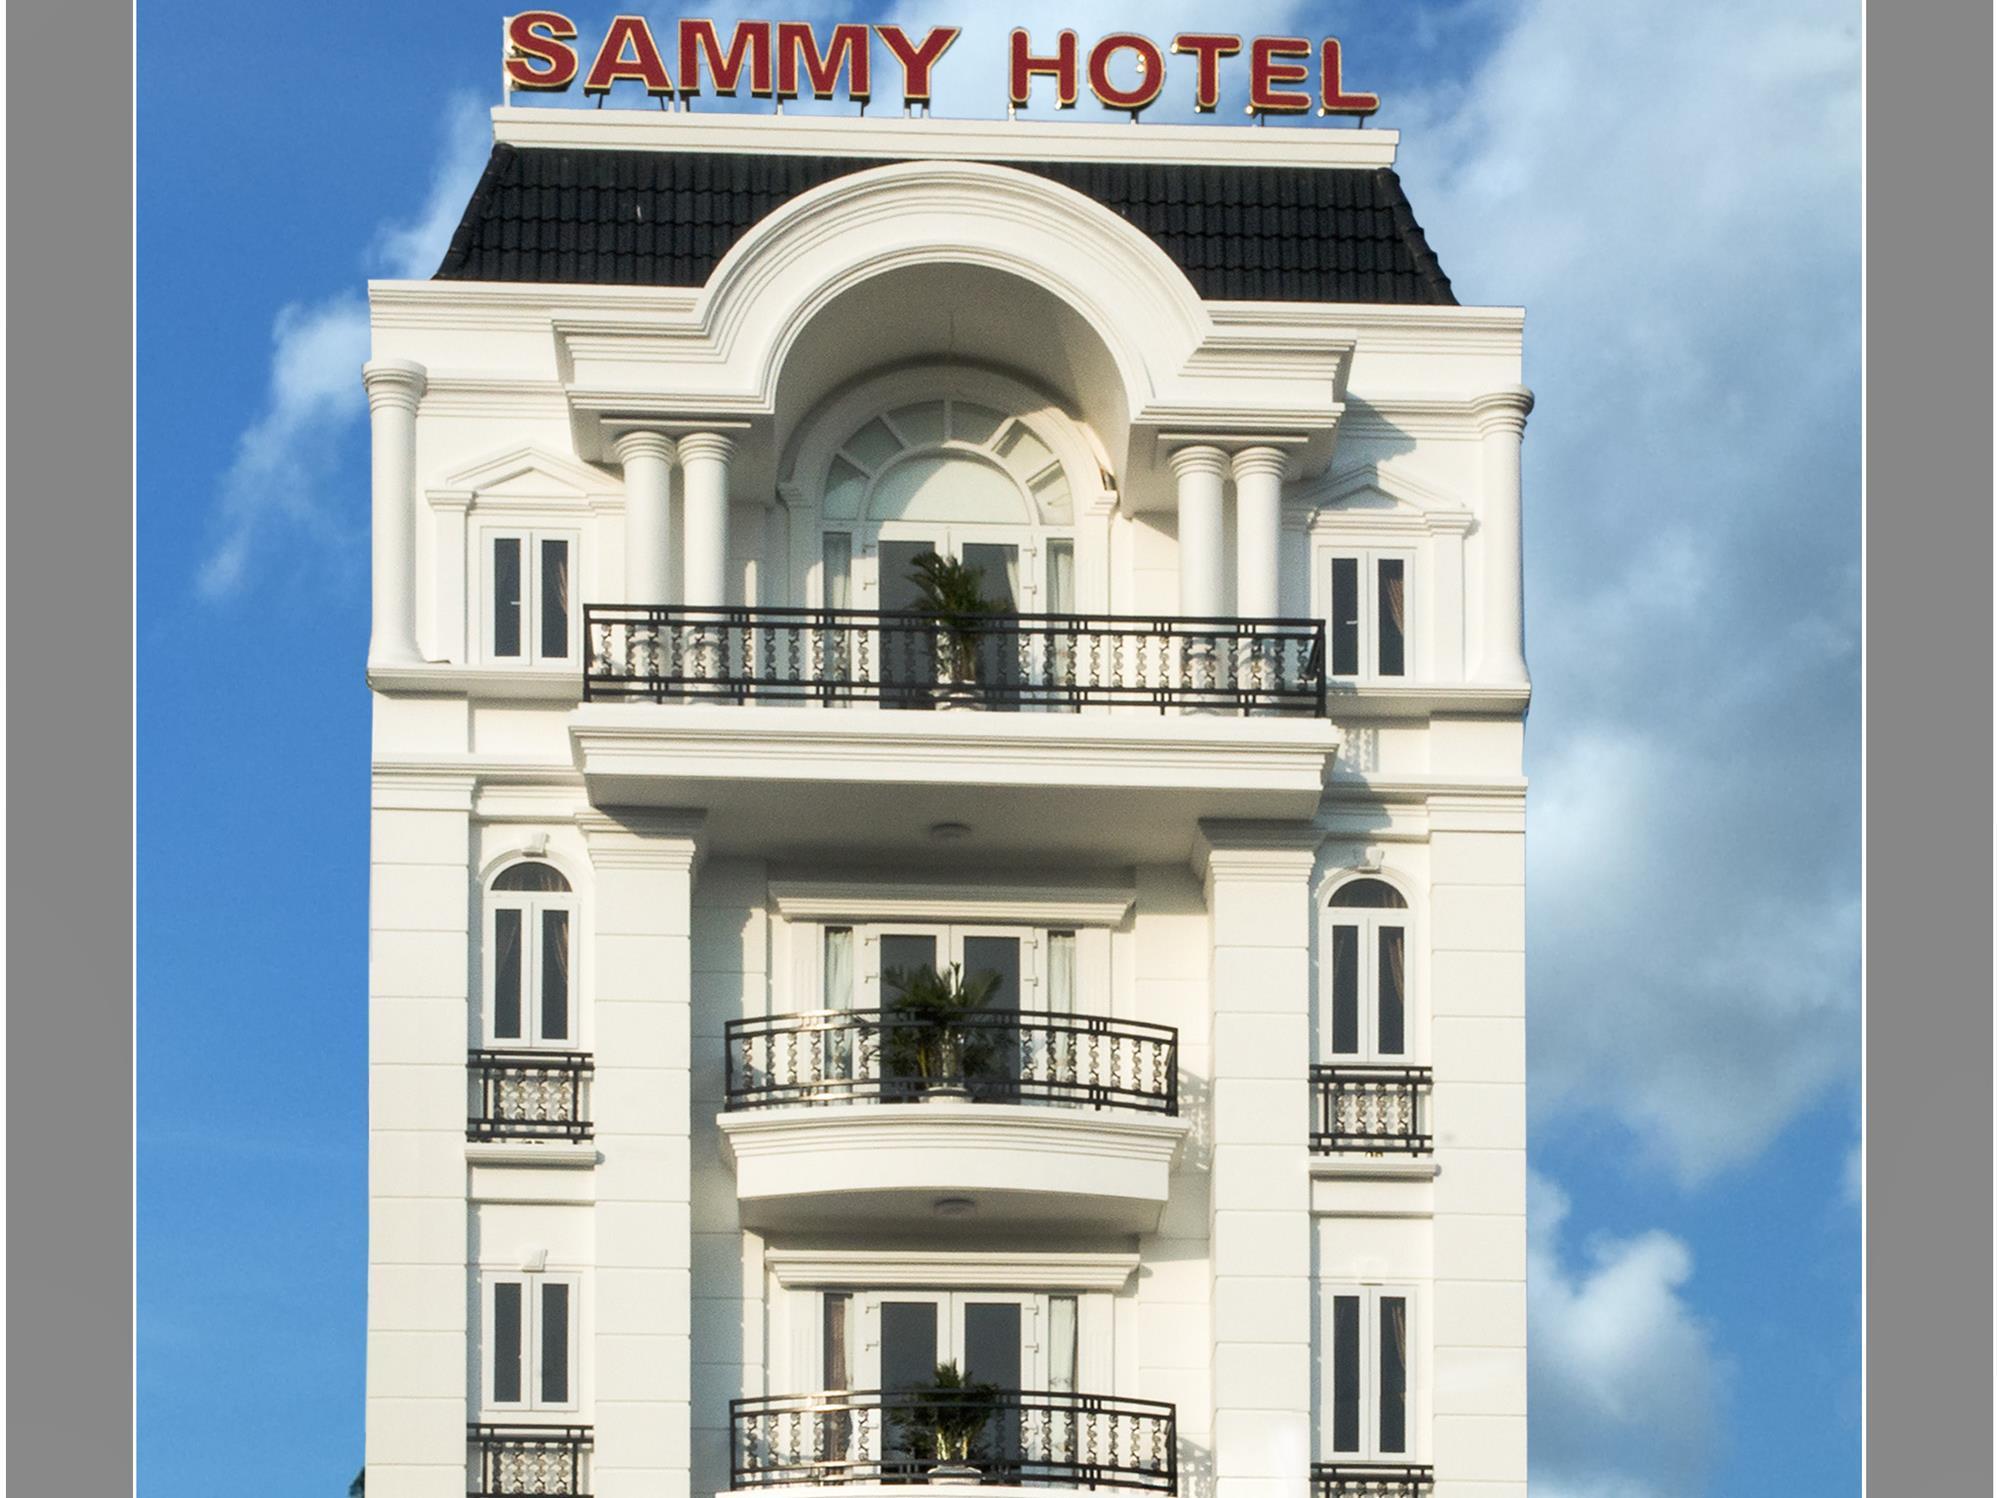 SAMMYHOTEL